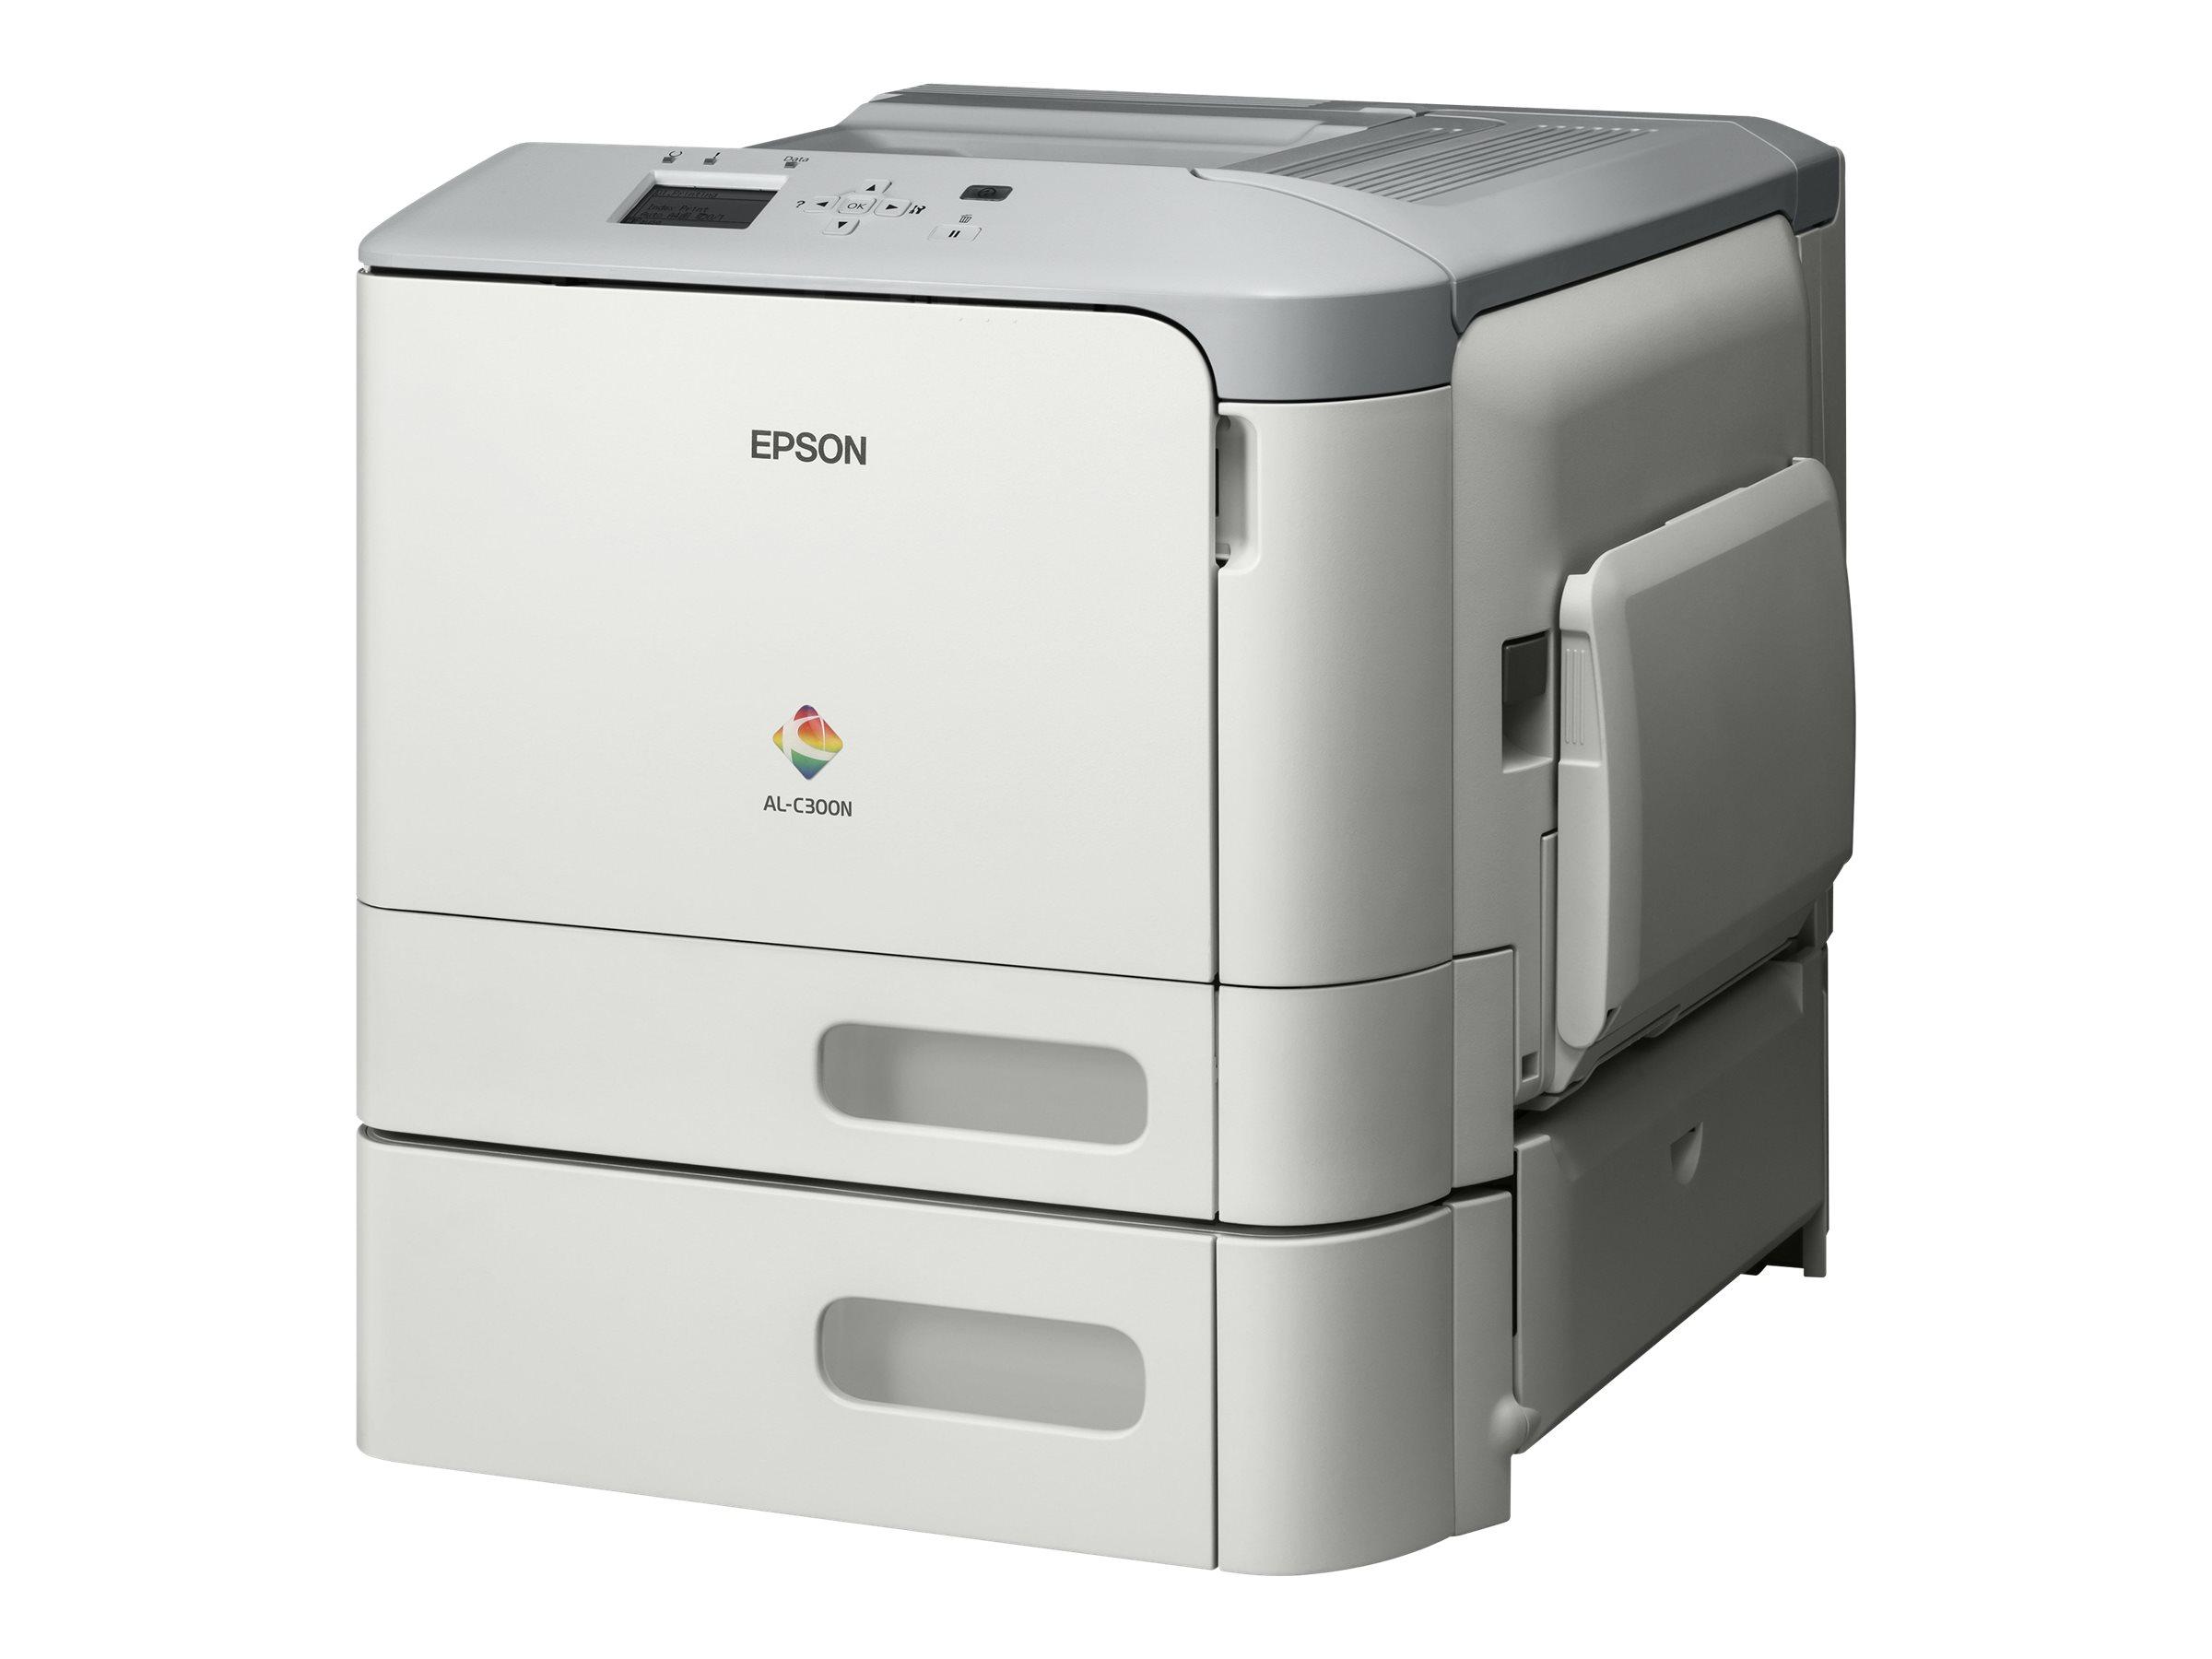 Epson WorkForce AL-C300TN - Drucker - Farbe - Laser - A4/Legal - 1200 x 1200 dpi